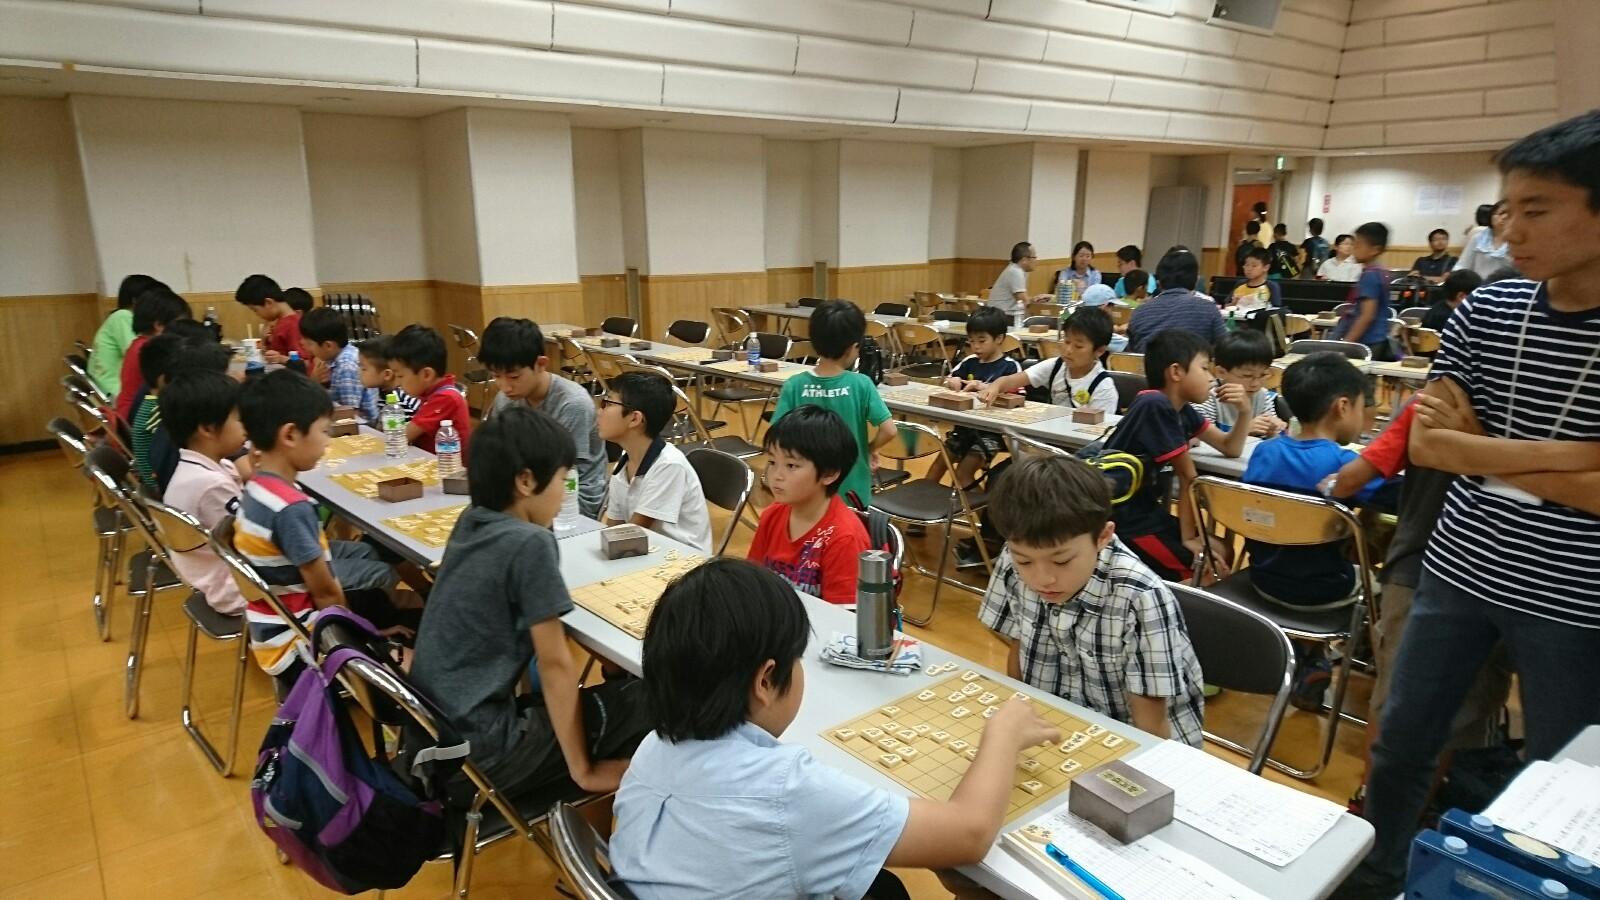 第11回将棋教室対抗戦結果